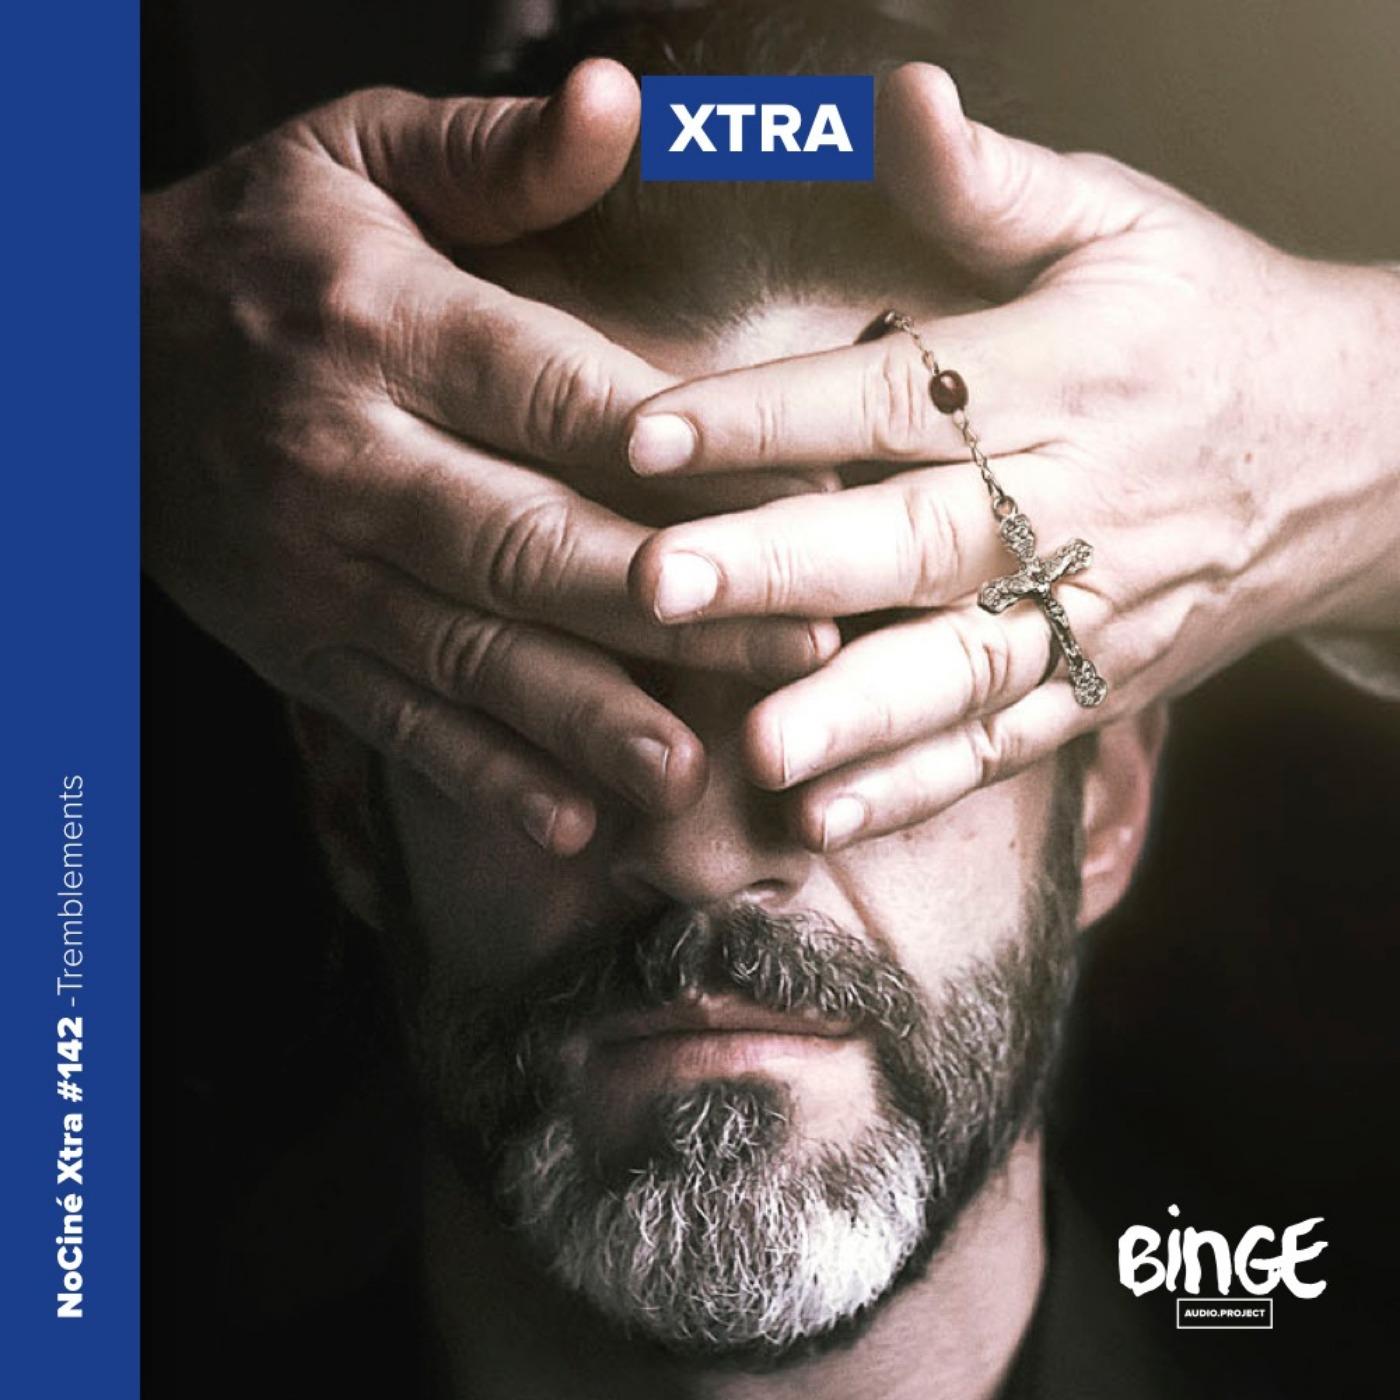 Xtra - Tremblements